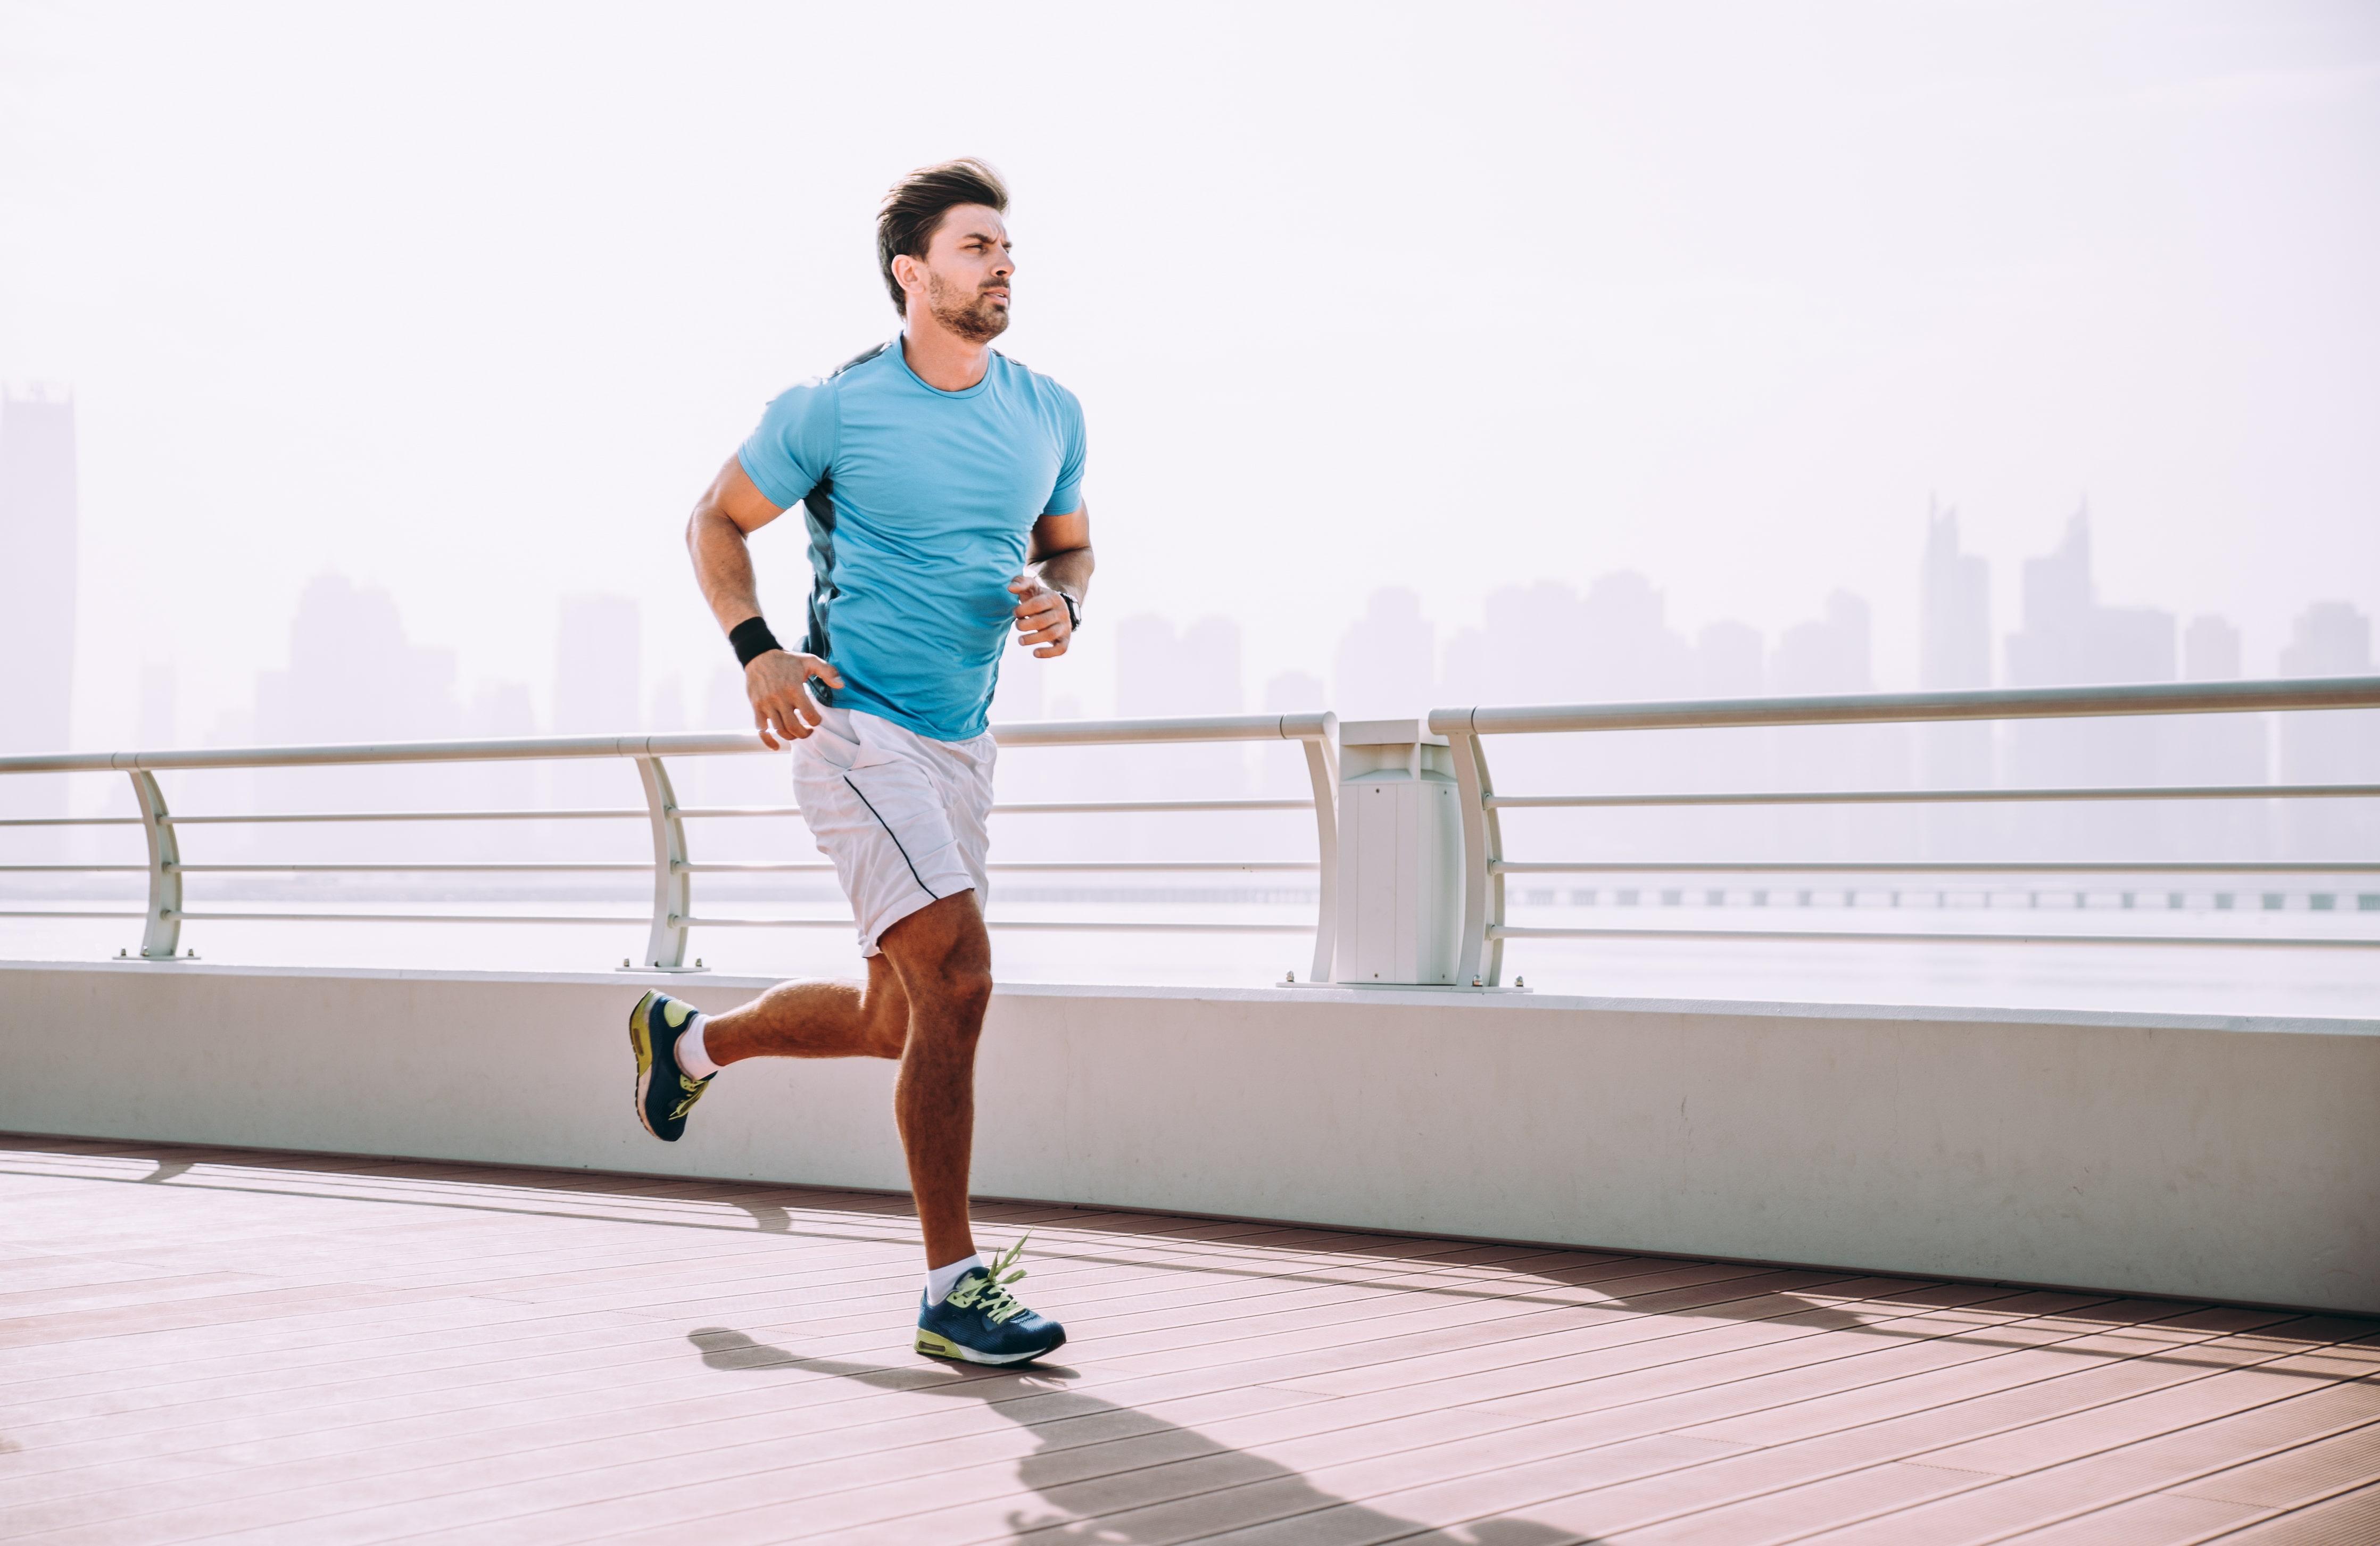 La importancia del equilibrio entre el trabajo y la actividad física.